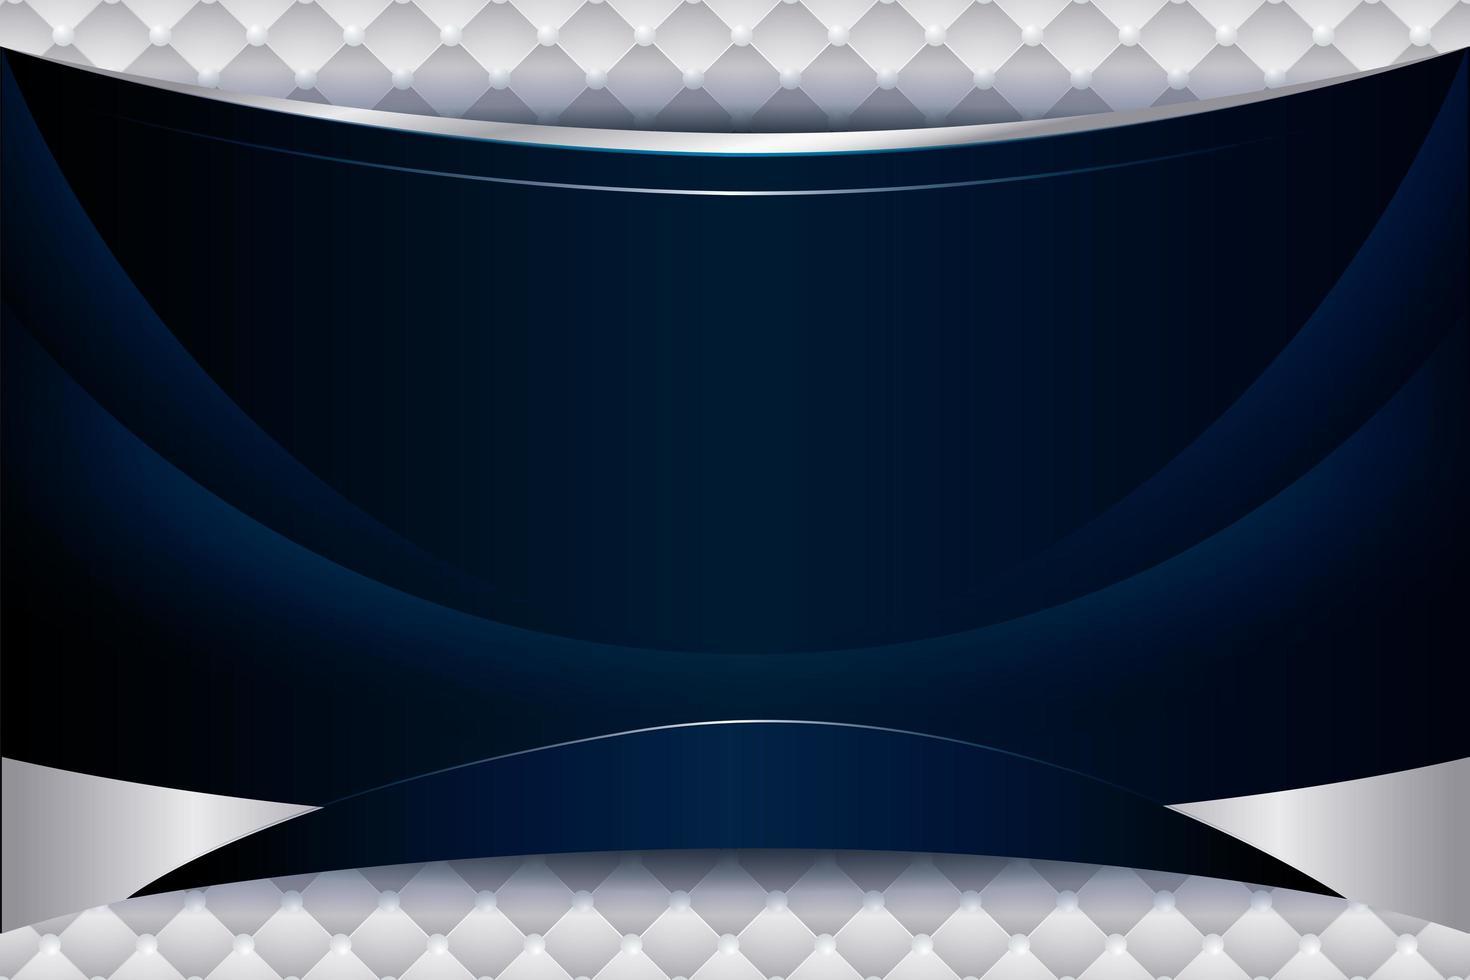 glatter blauer Hintergrund mit Wellengradient vektor